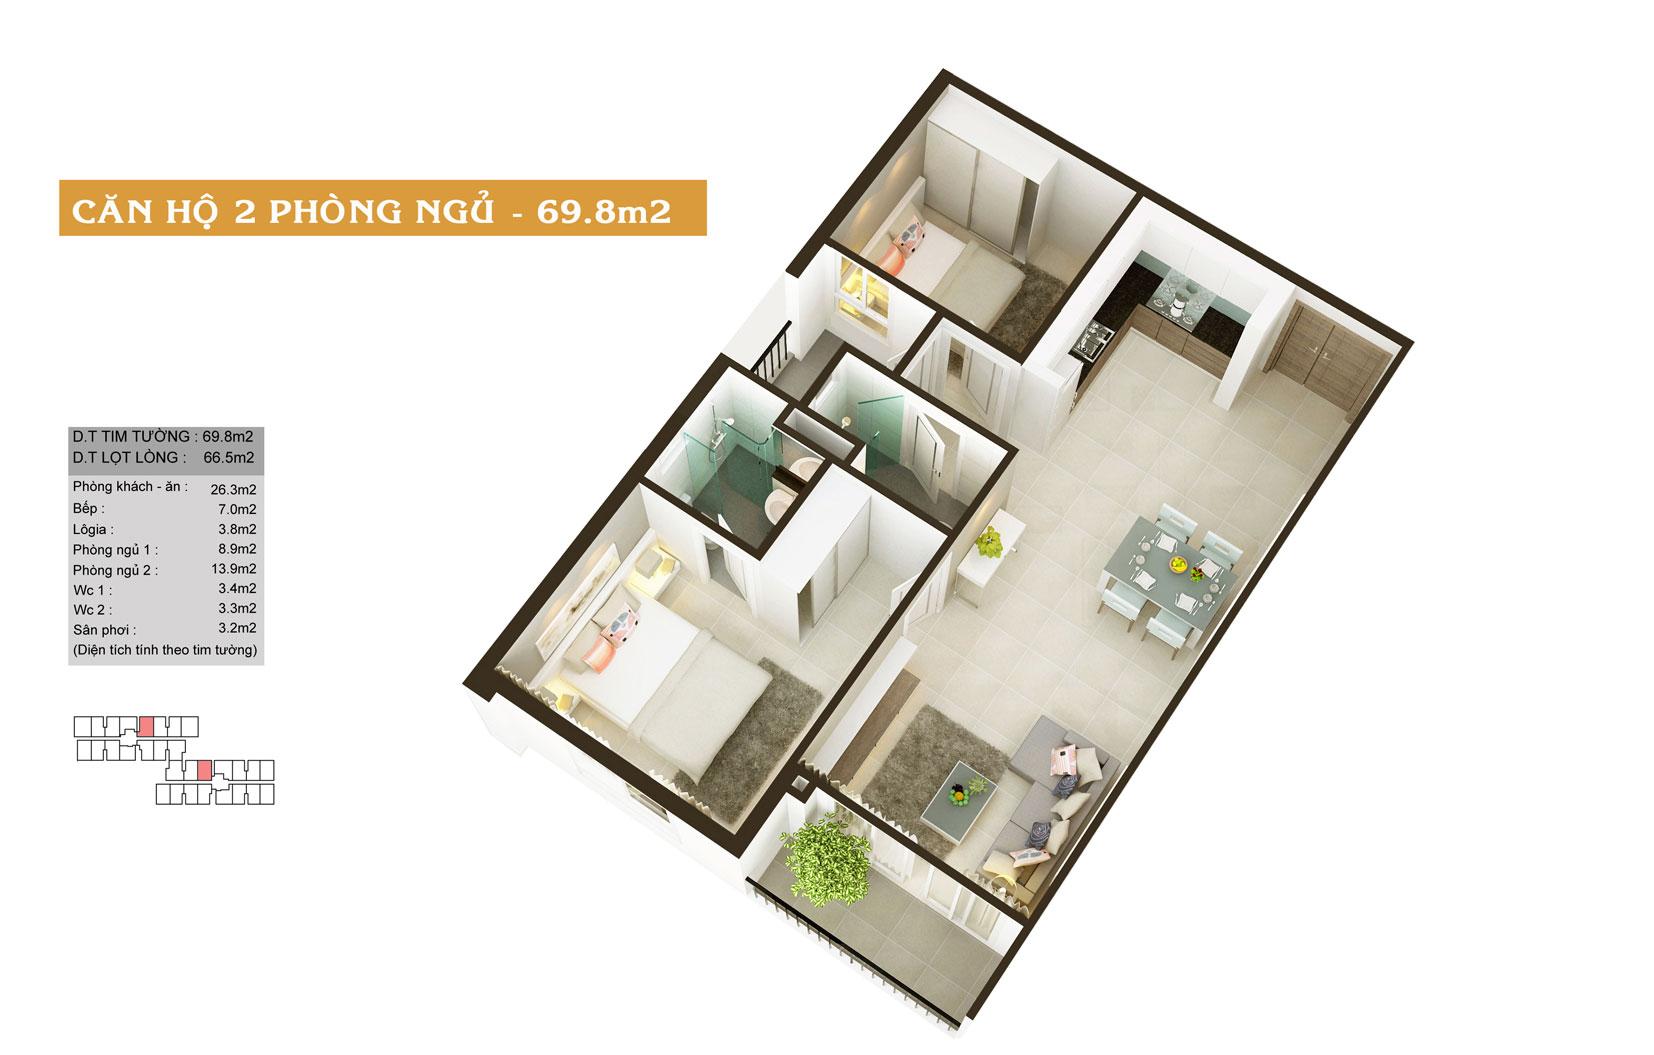 Thiết kế căn hộ High Intela 70m2